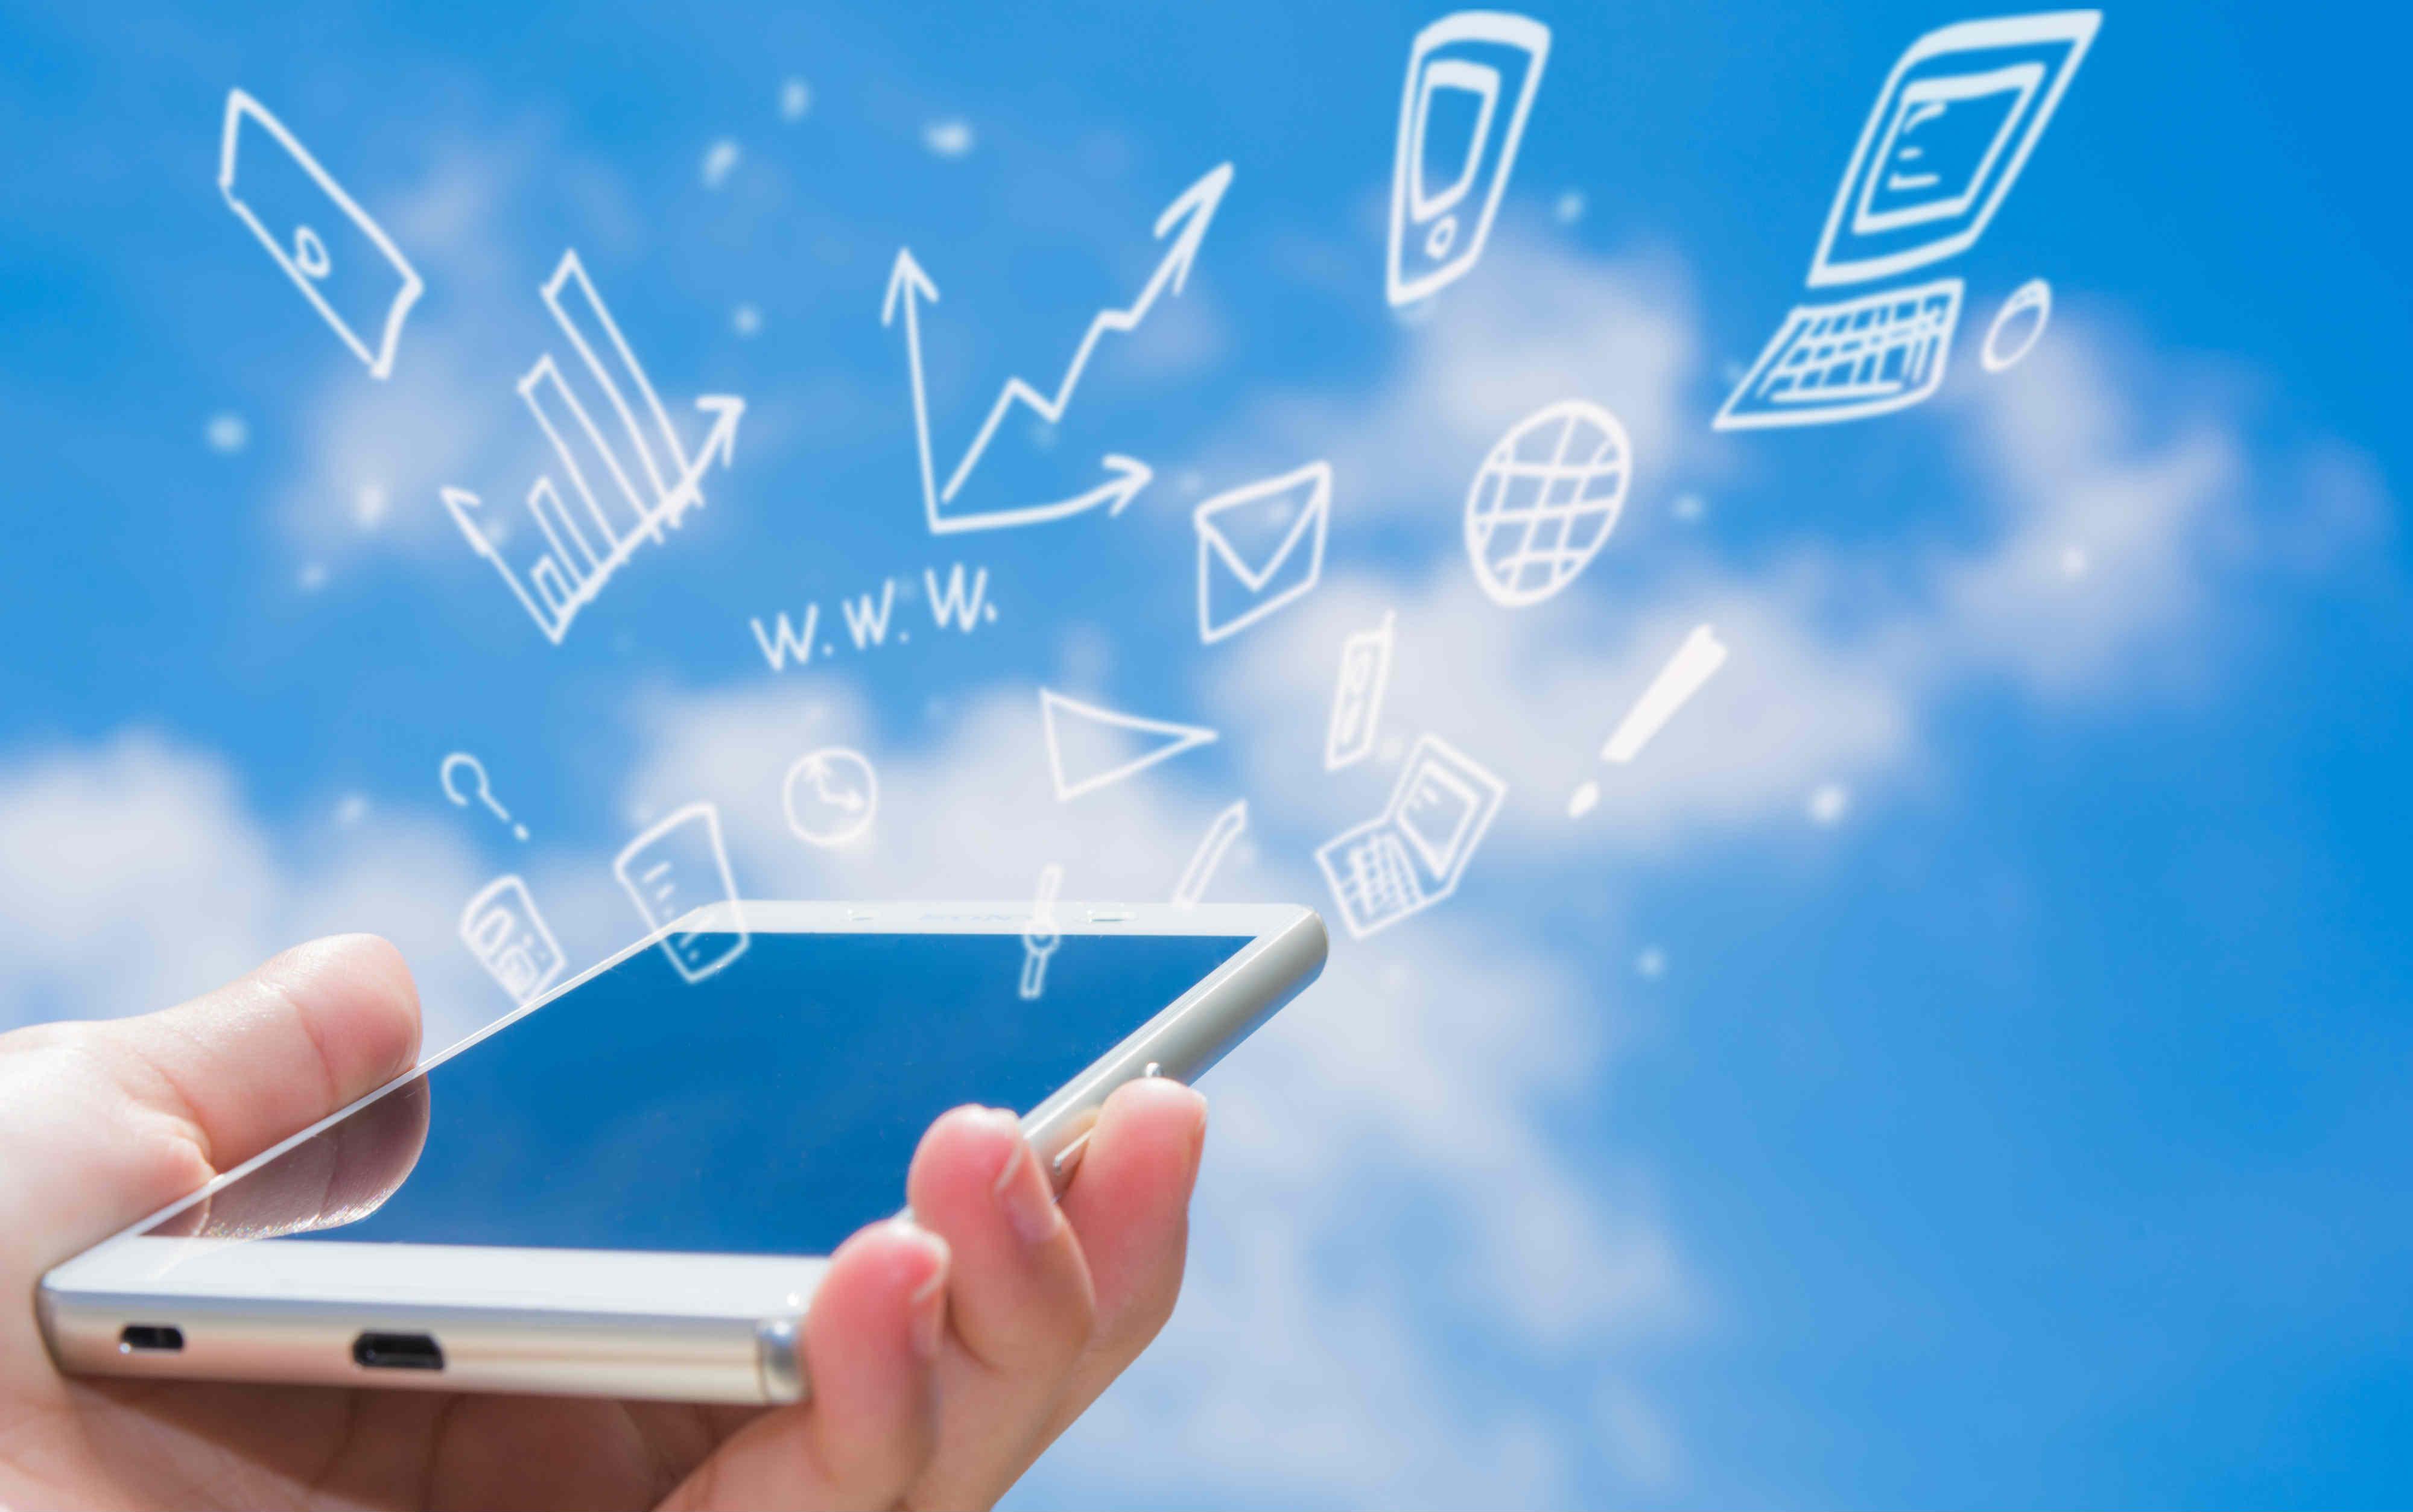 携帯乗り換え(MNP)のとき加入した有料サイトの対処法!